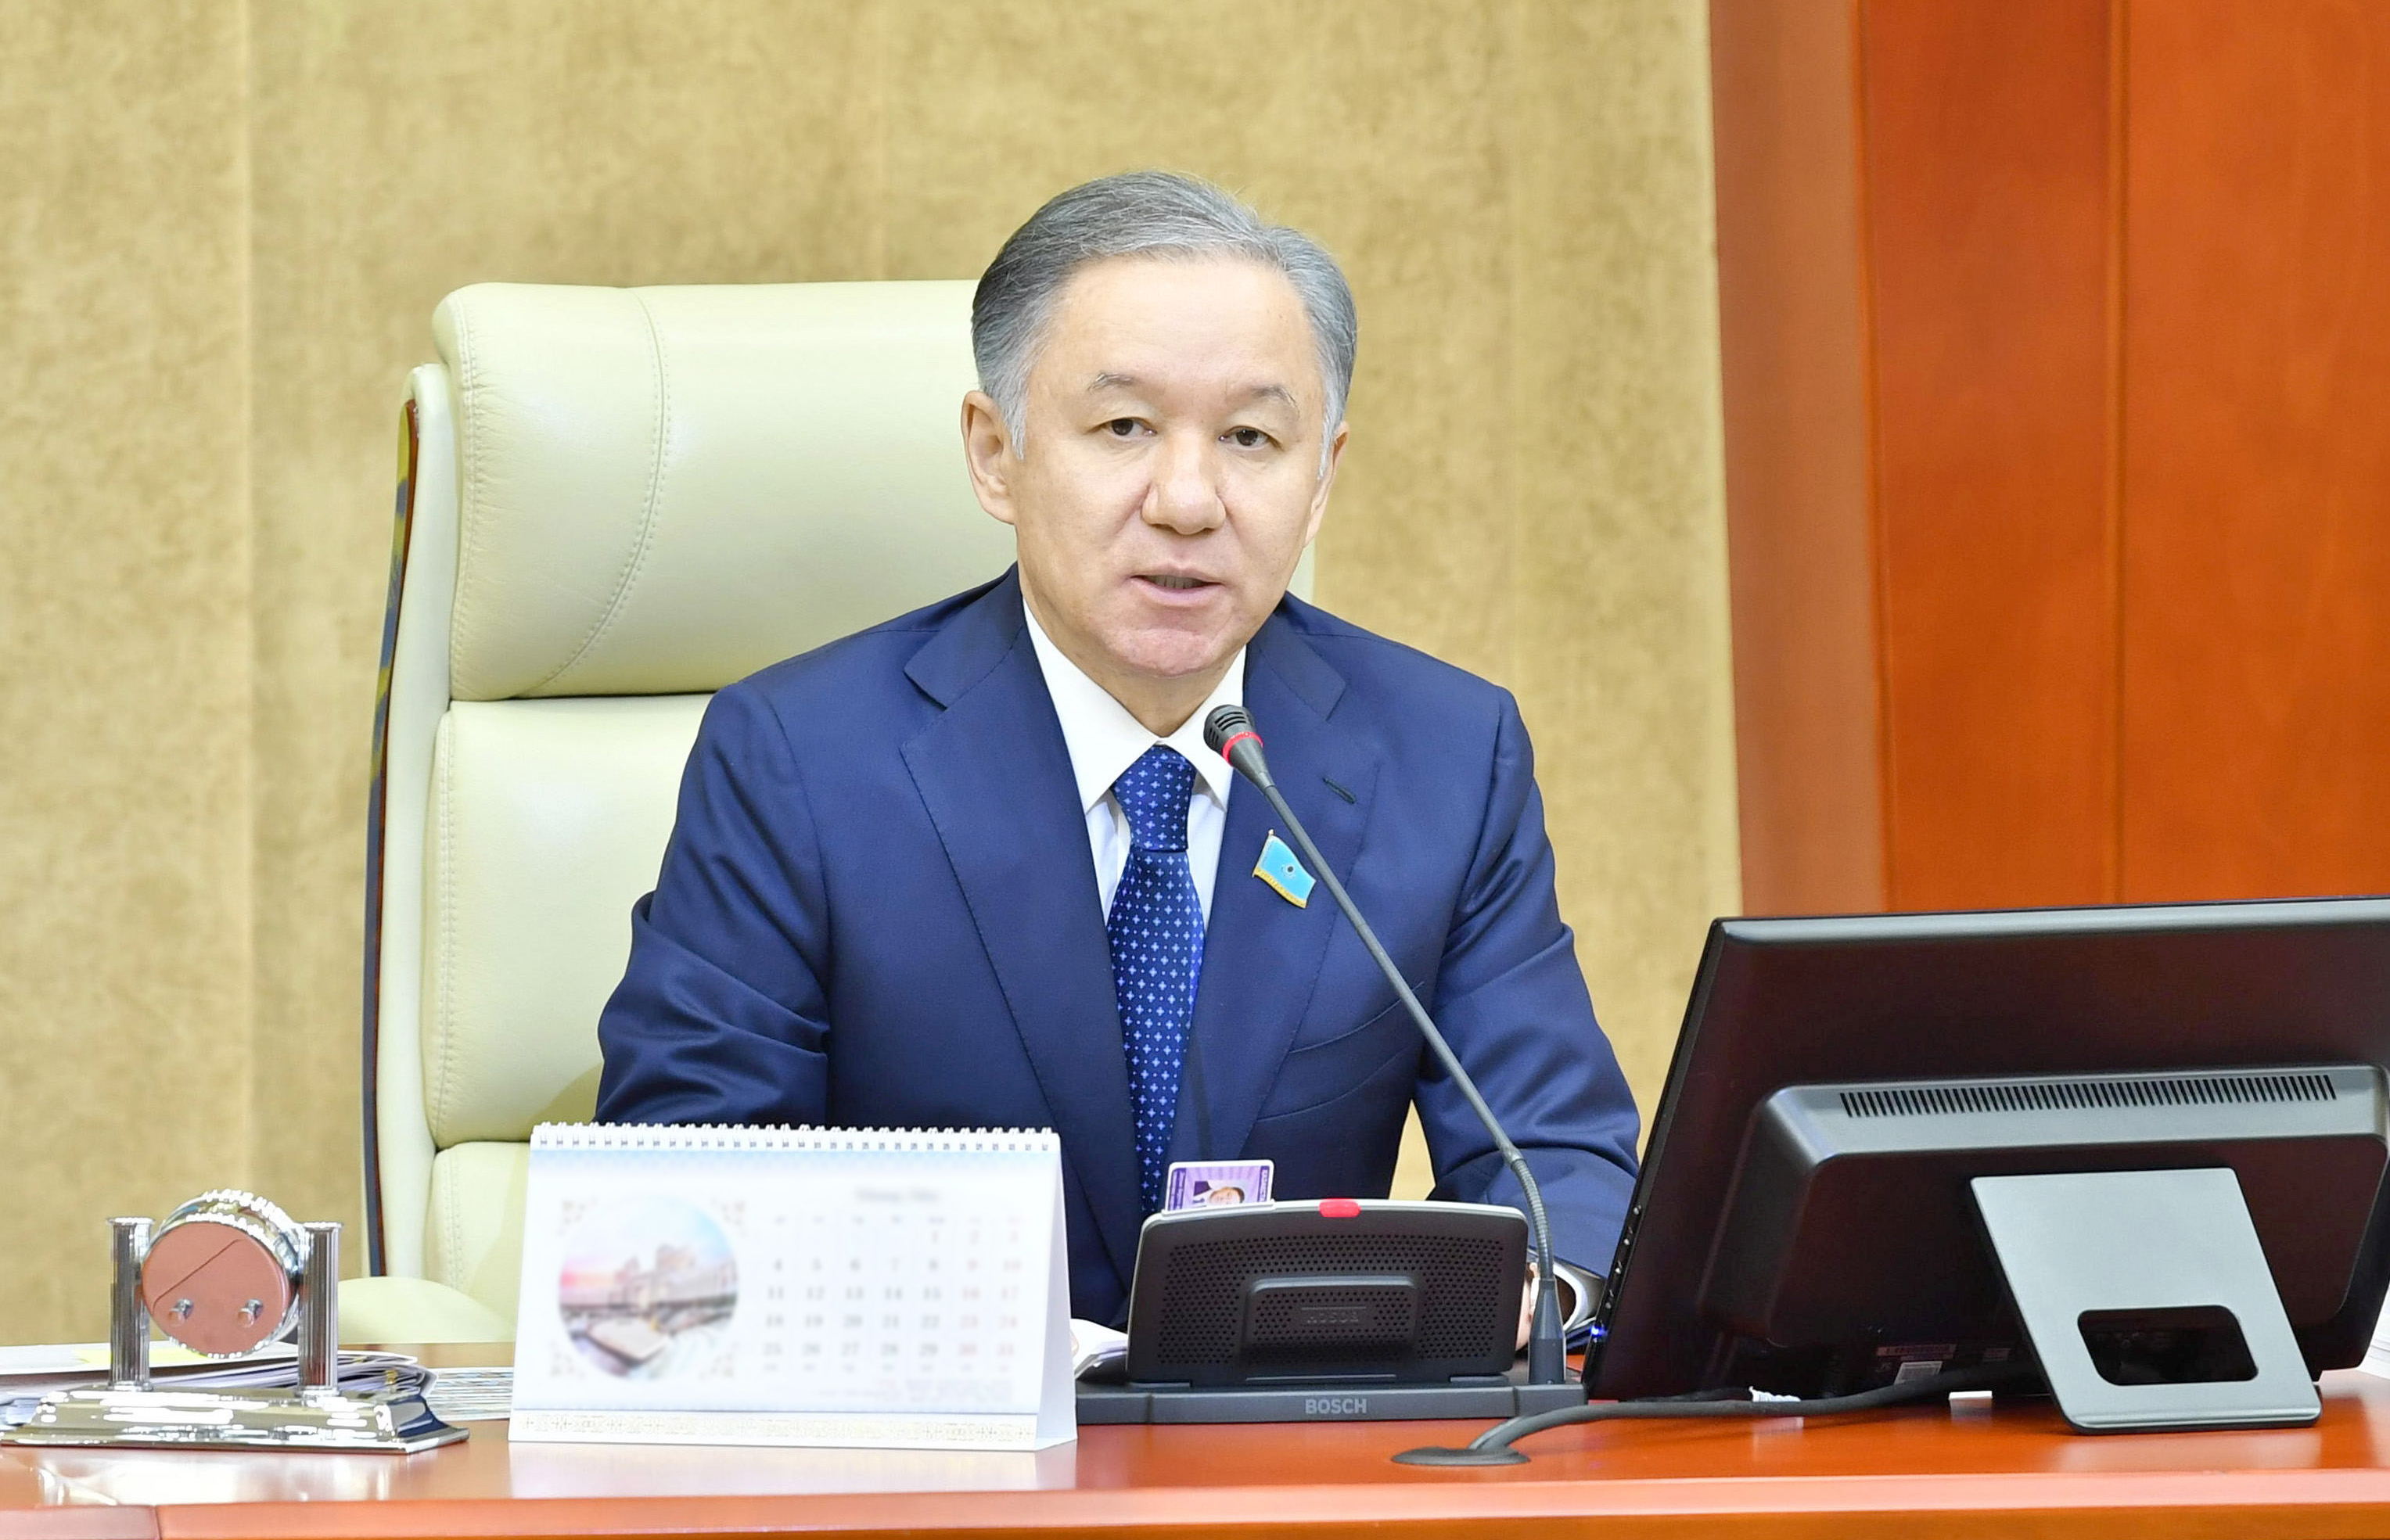 Спикер мажилиса Казахстана созвал парламент страны на совместное заседание